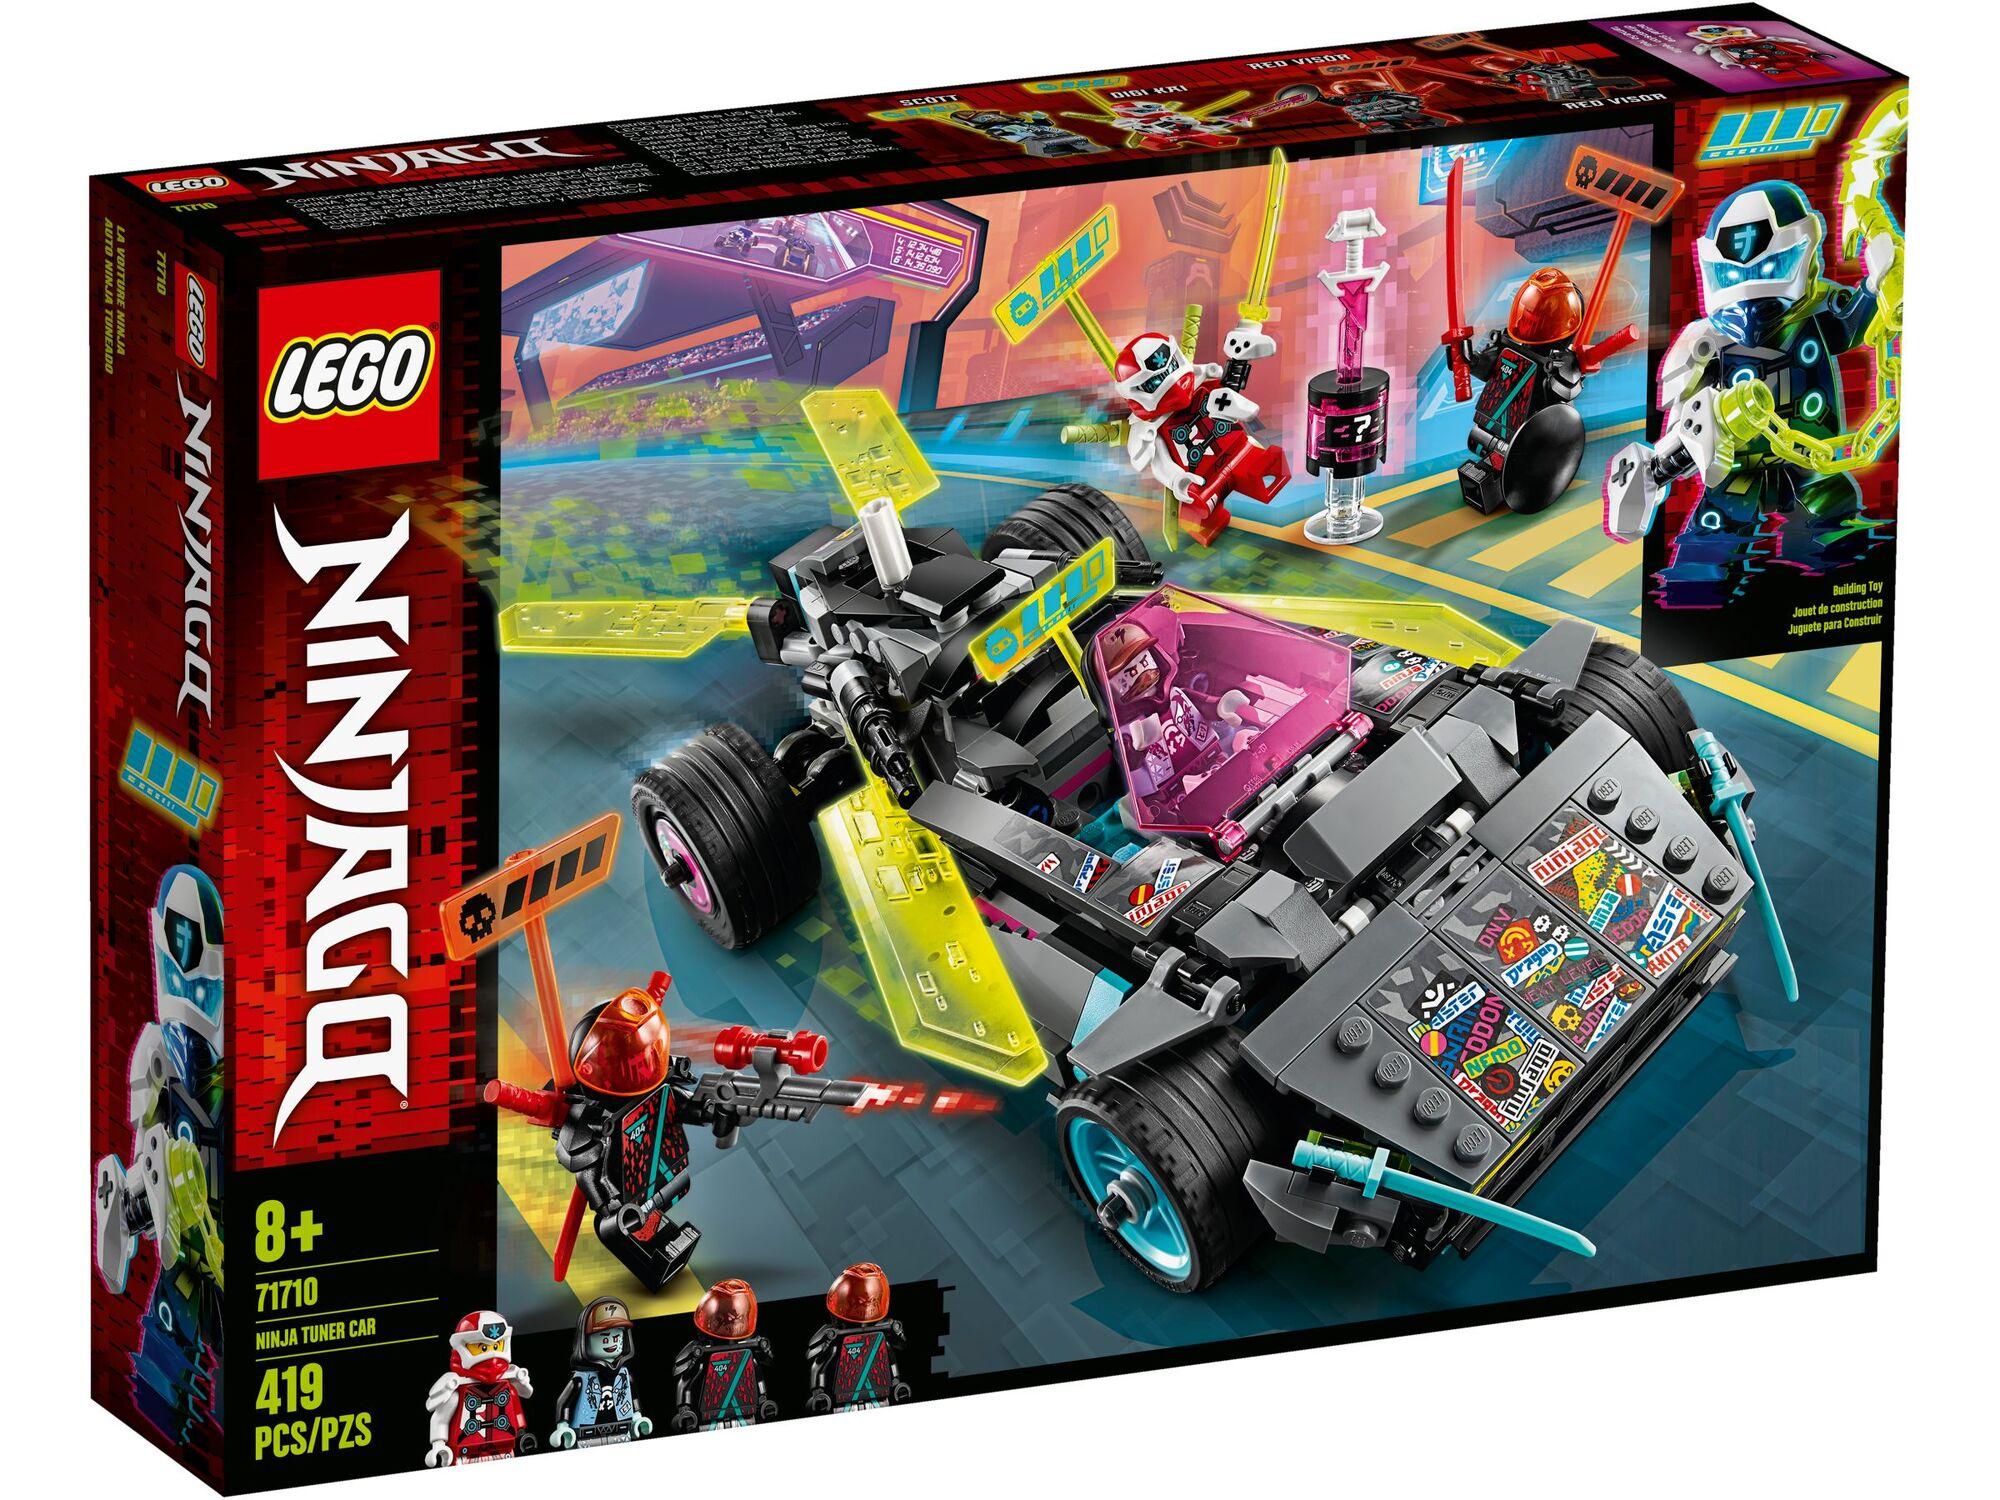 71710 Ninja-Tuning-Fahrzeug | Lego Ninjago Wiki | Fandom